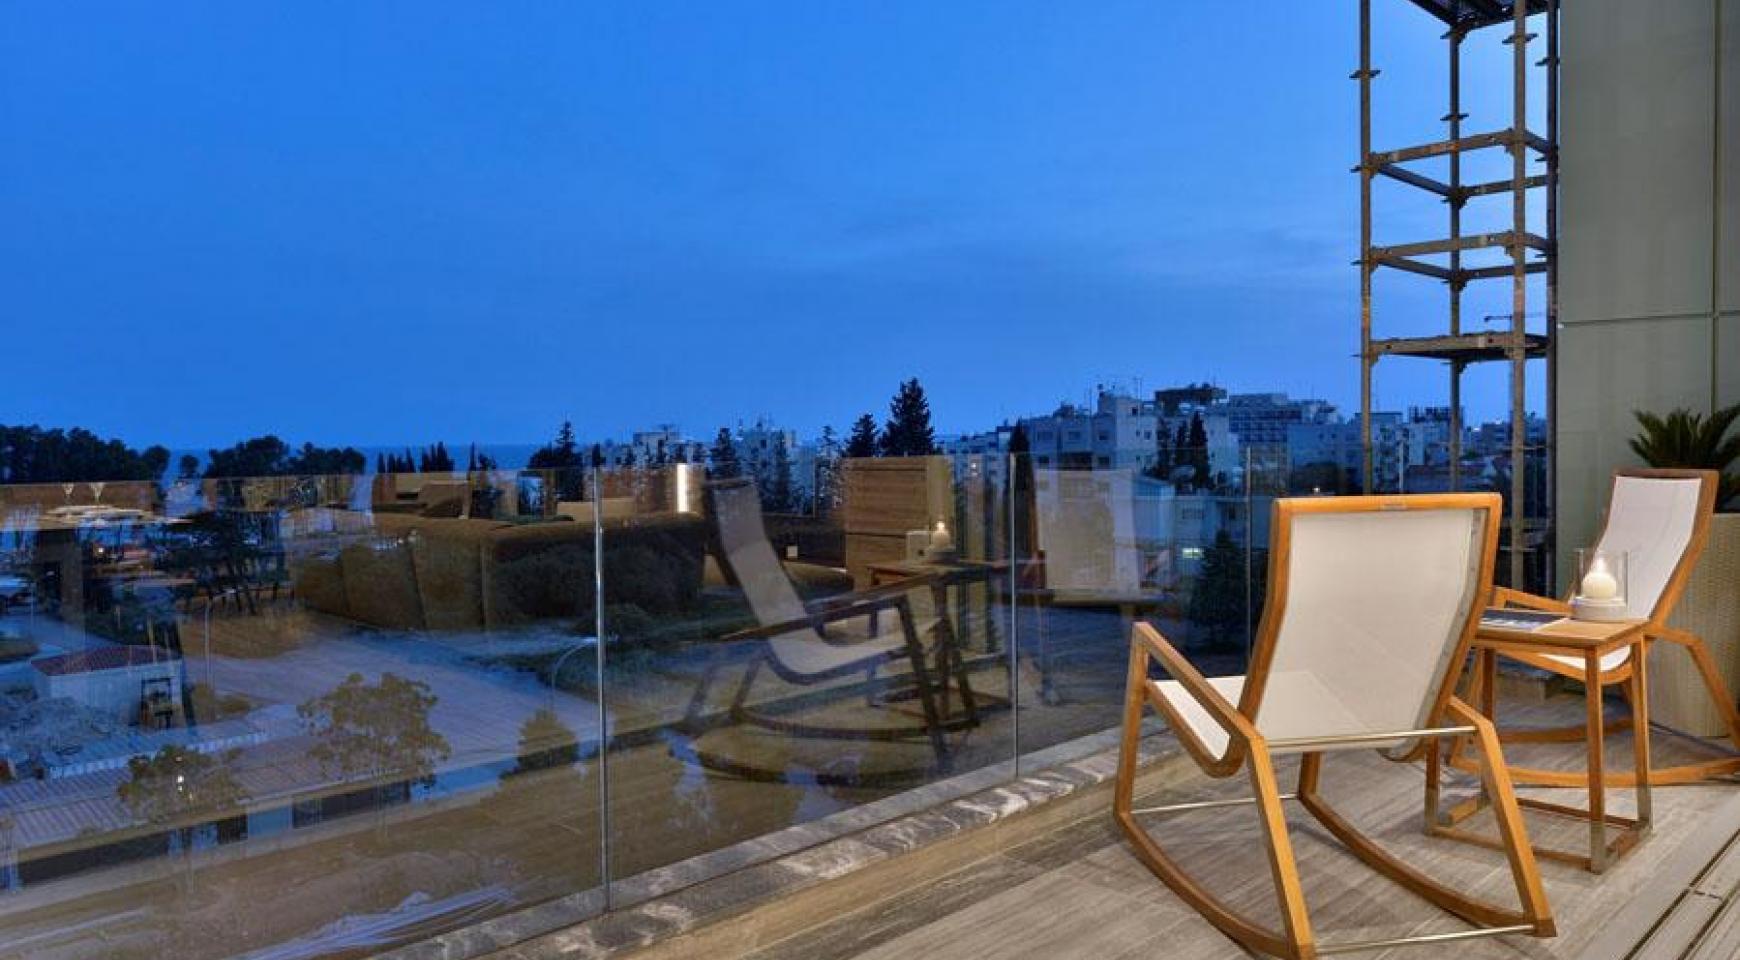 Πολυτελές διαμέρισμα 2 υπνοδωματίων με ταράτσα στο νεόδμητο συγκρότημα - 15